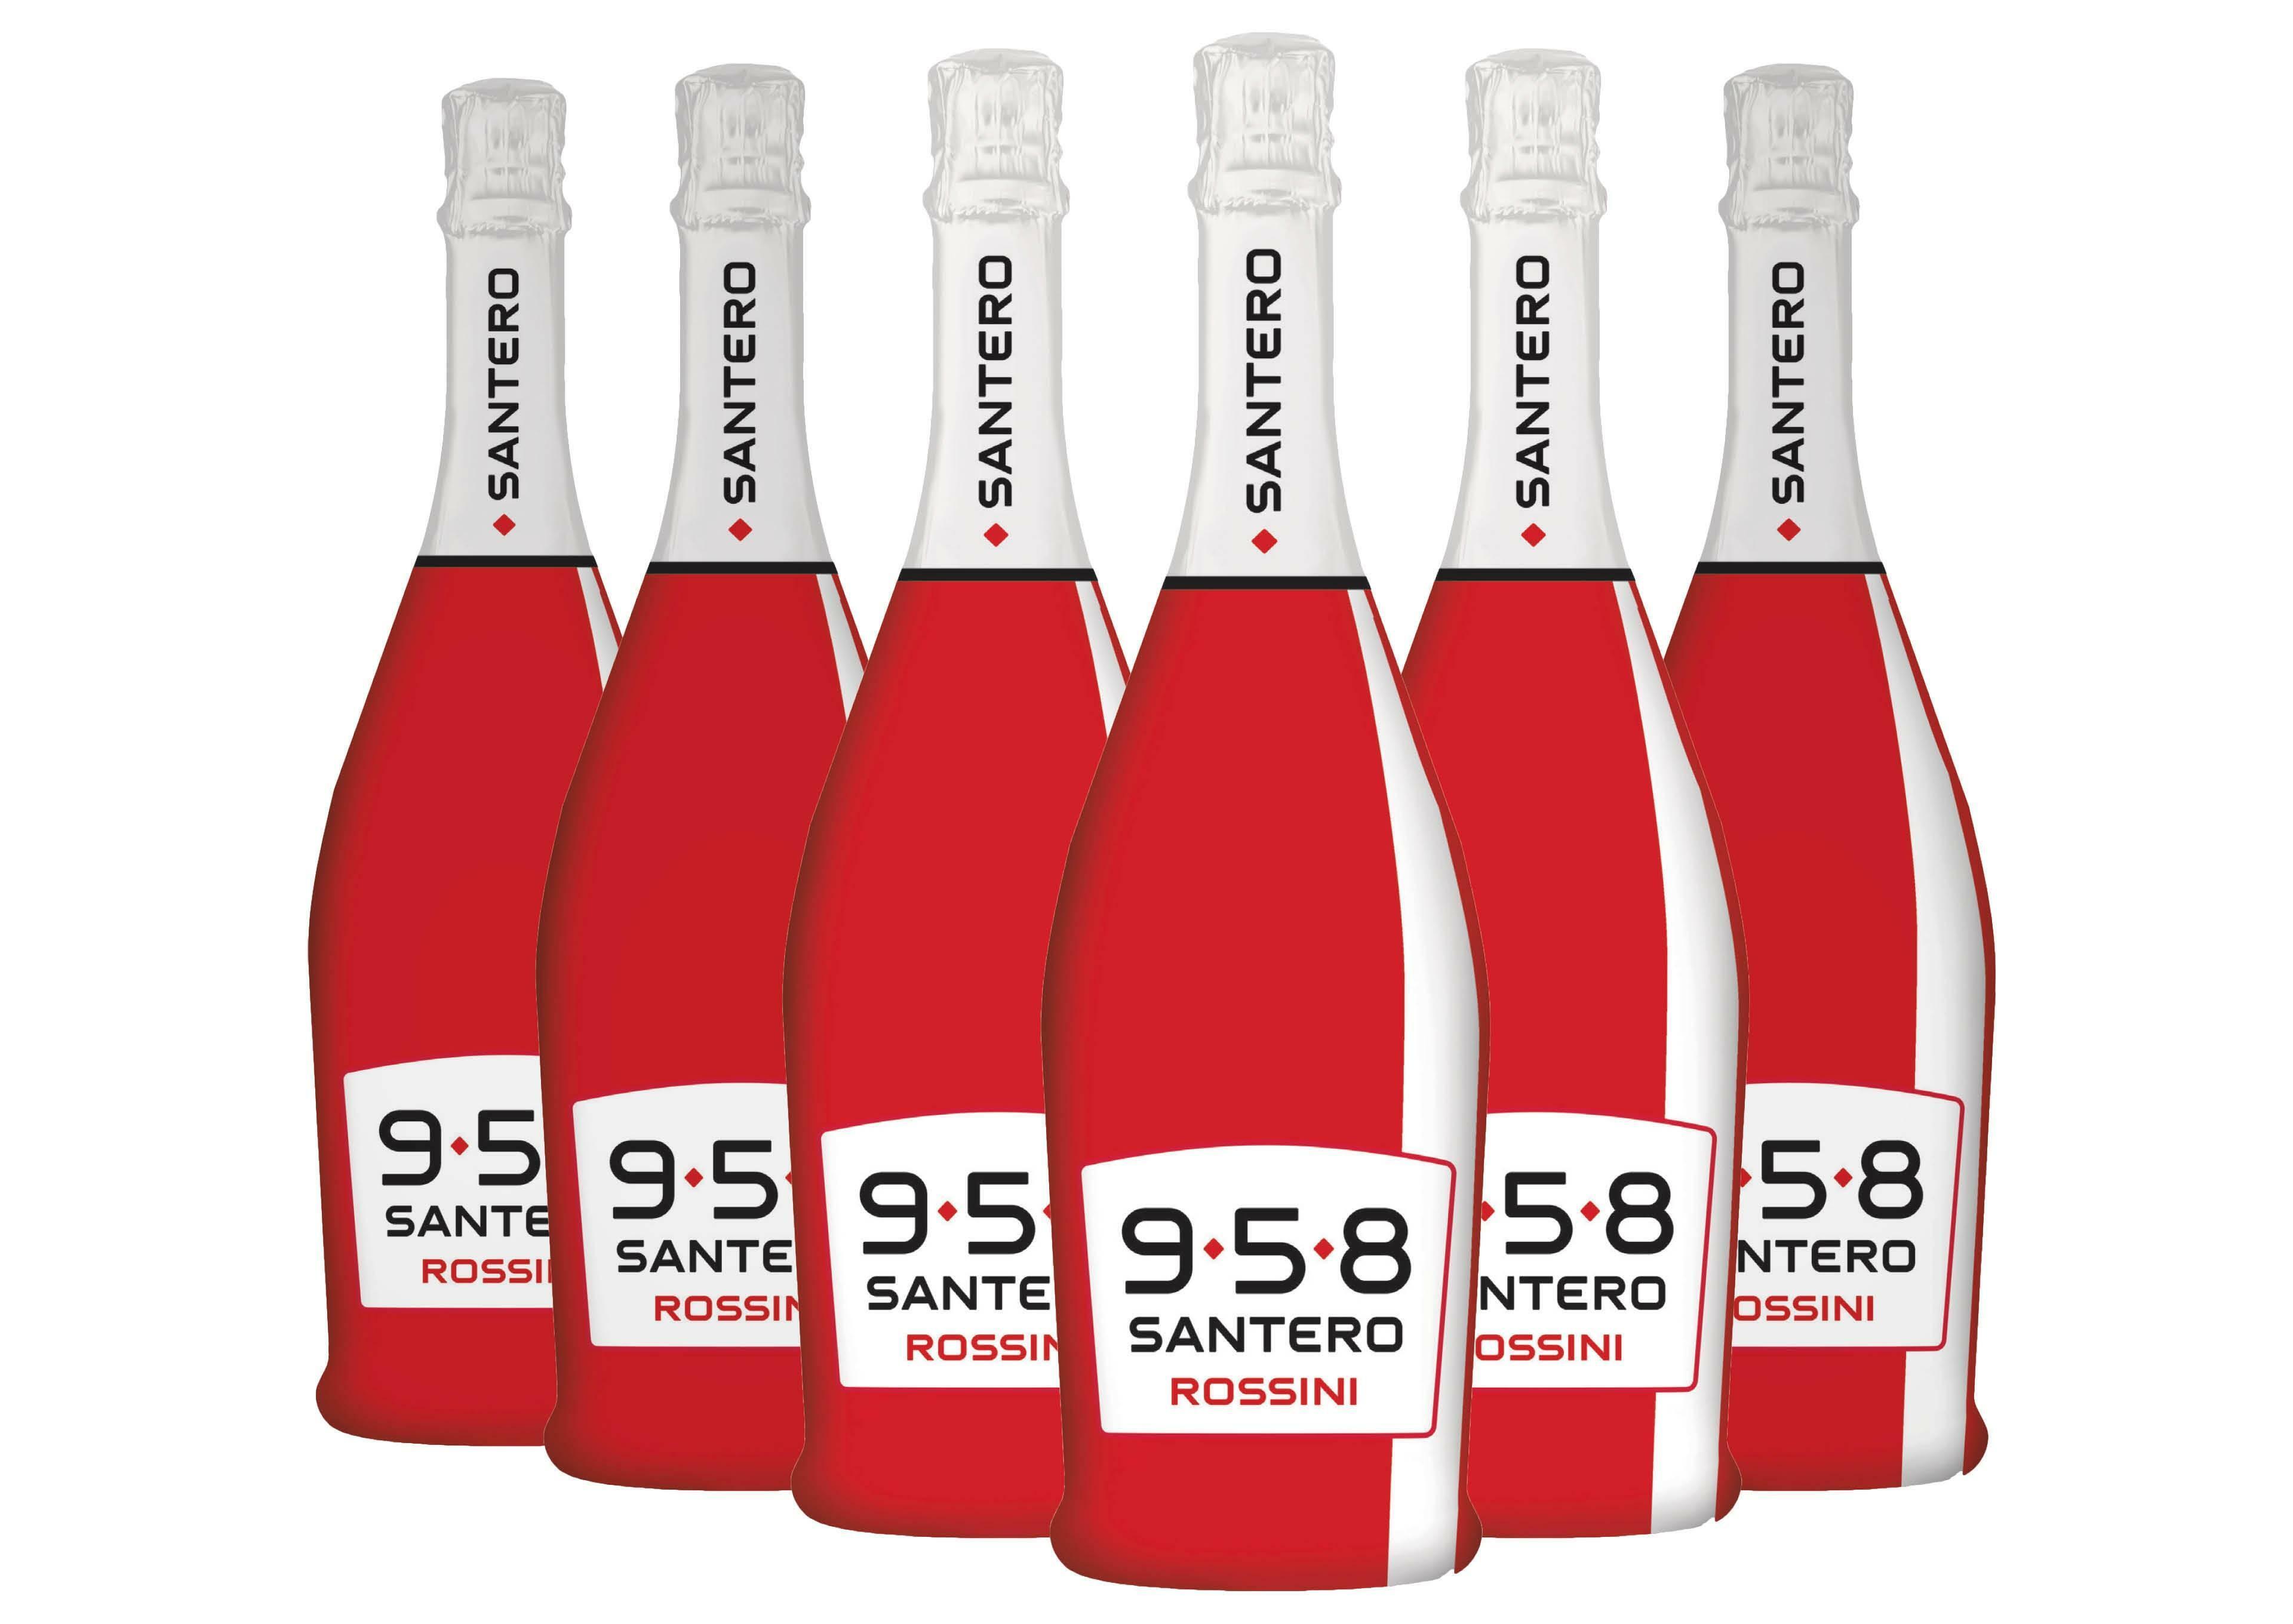 santero santero 958 rossini moscato e fragola 75 cl 6 bottiglie